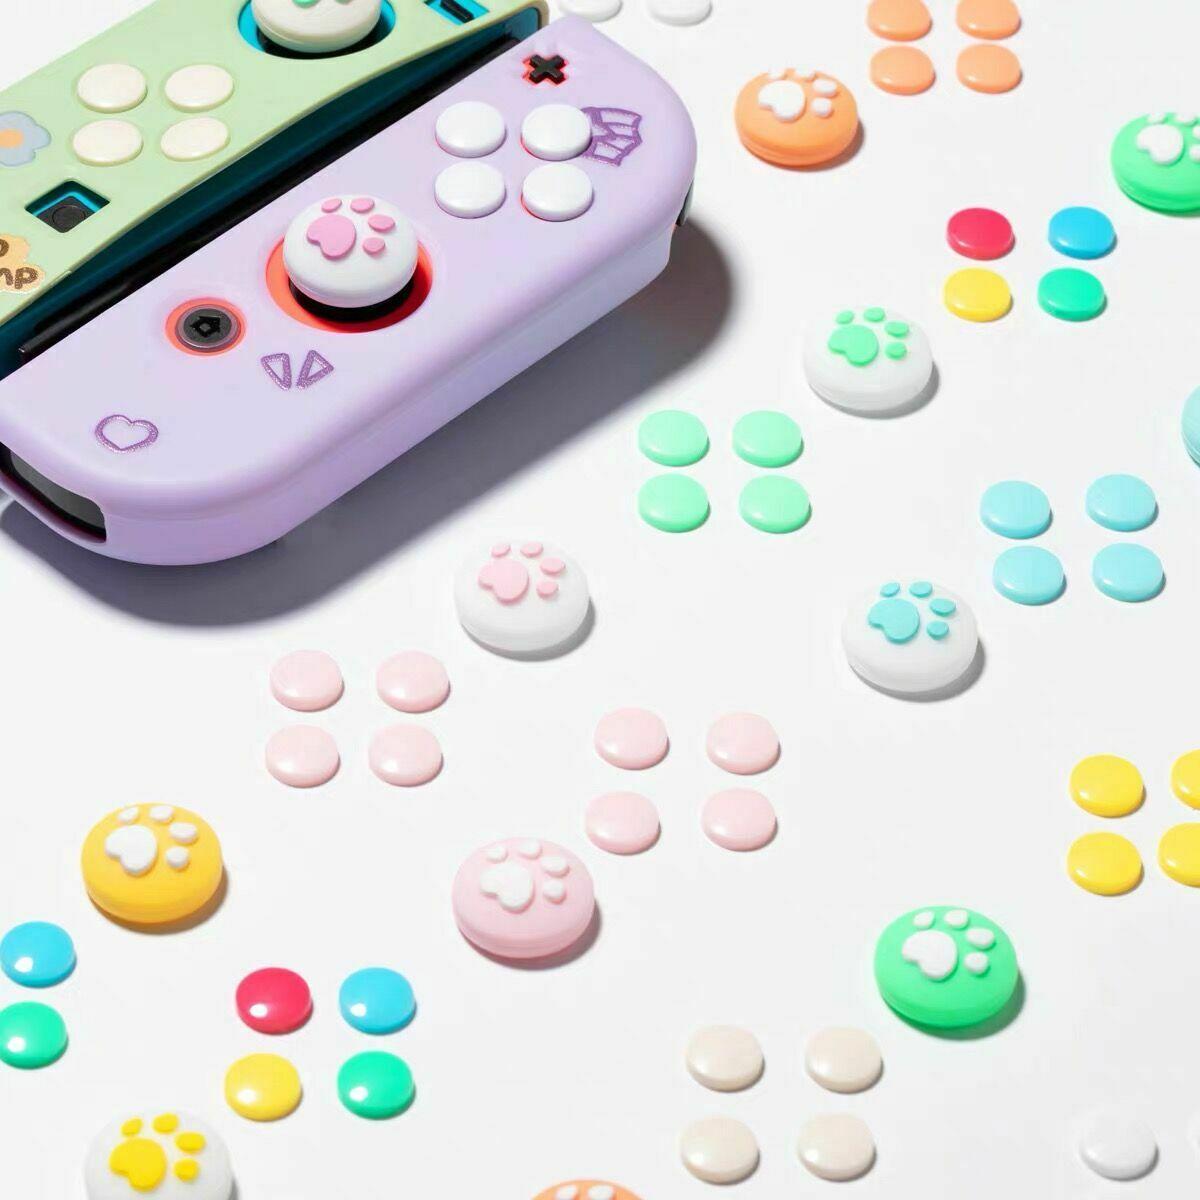 1 Juego de Pata de Gato pulgar tapas de cubierta y 8 Uds ABXY direcciones clave botones pegatina para interruptor de Nintendo Con Joystick Accesorios y piezas de reemplazo    -